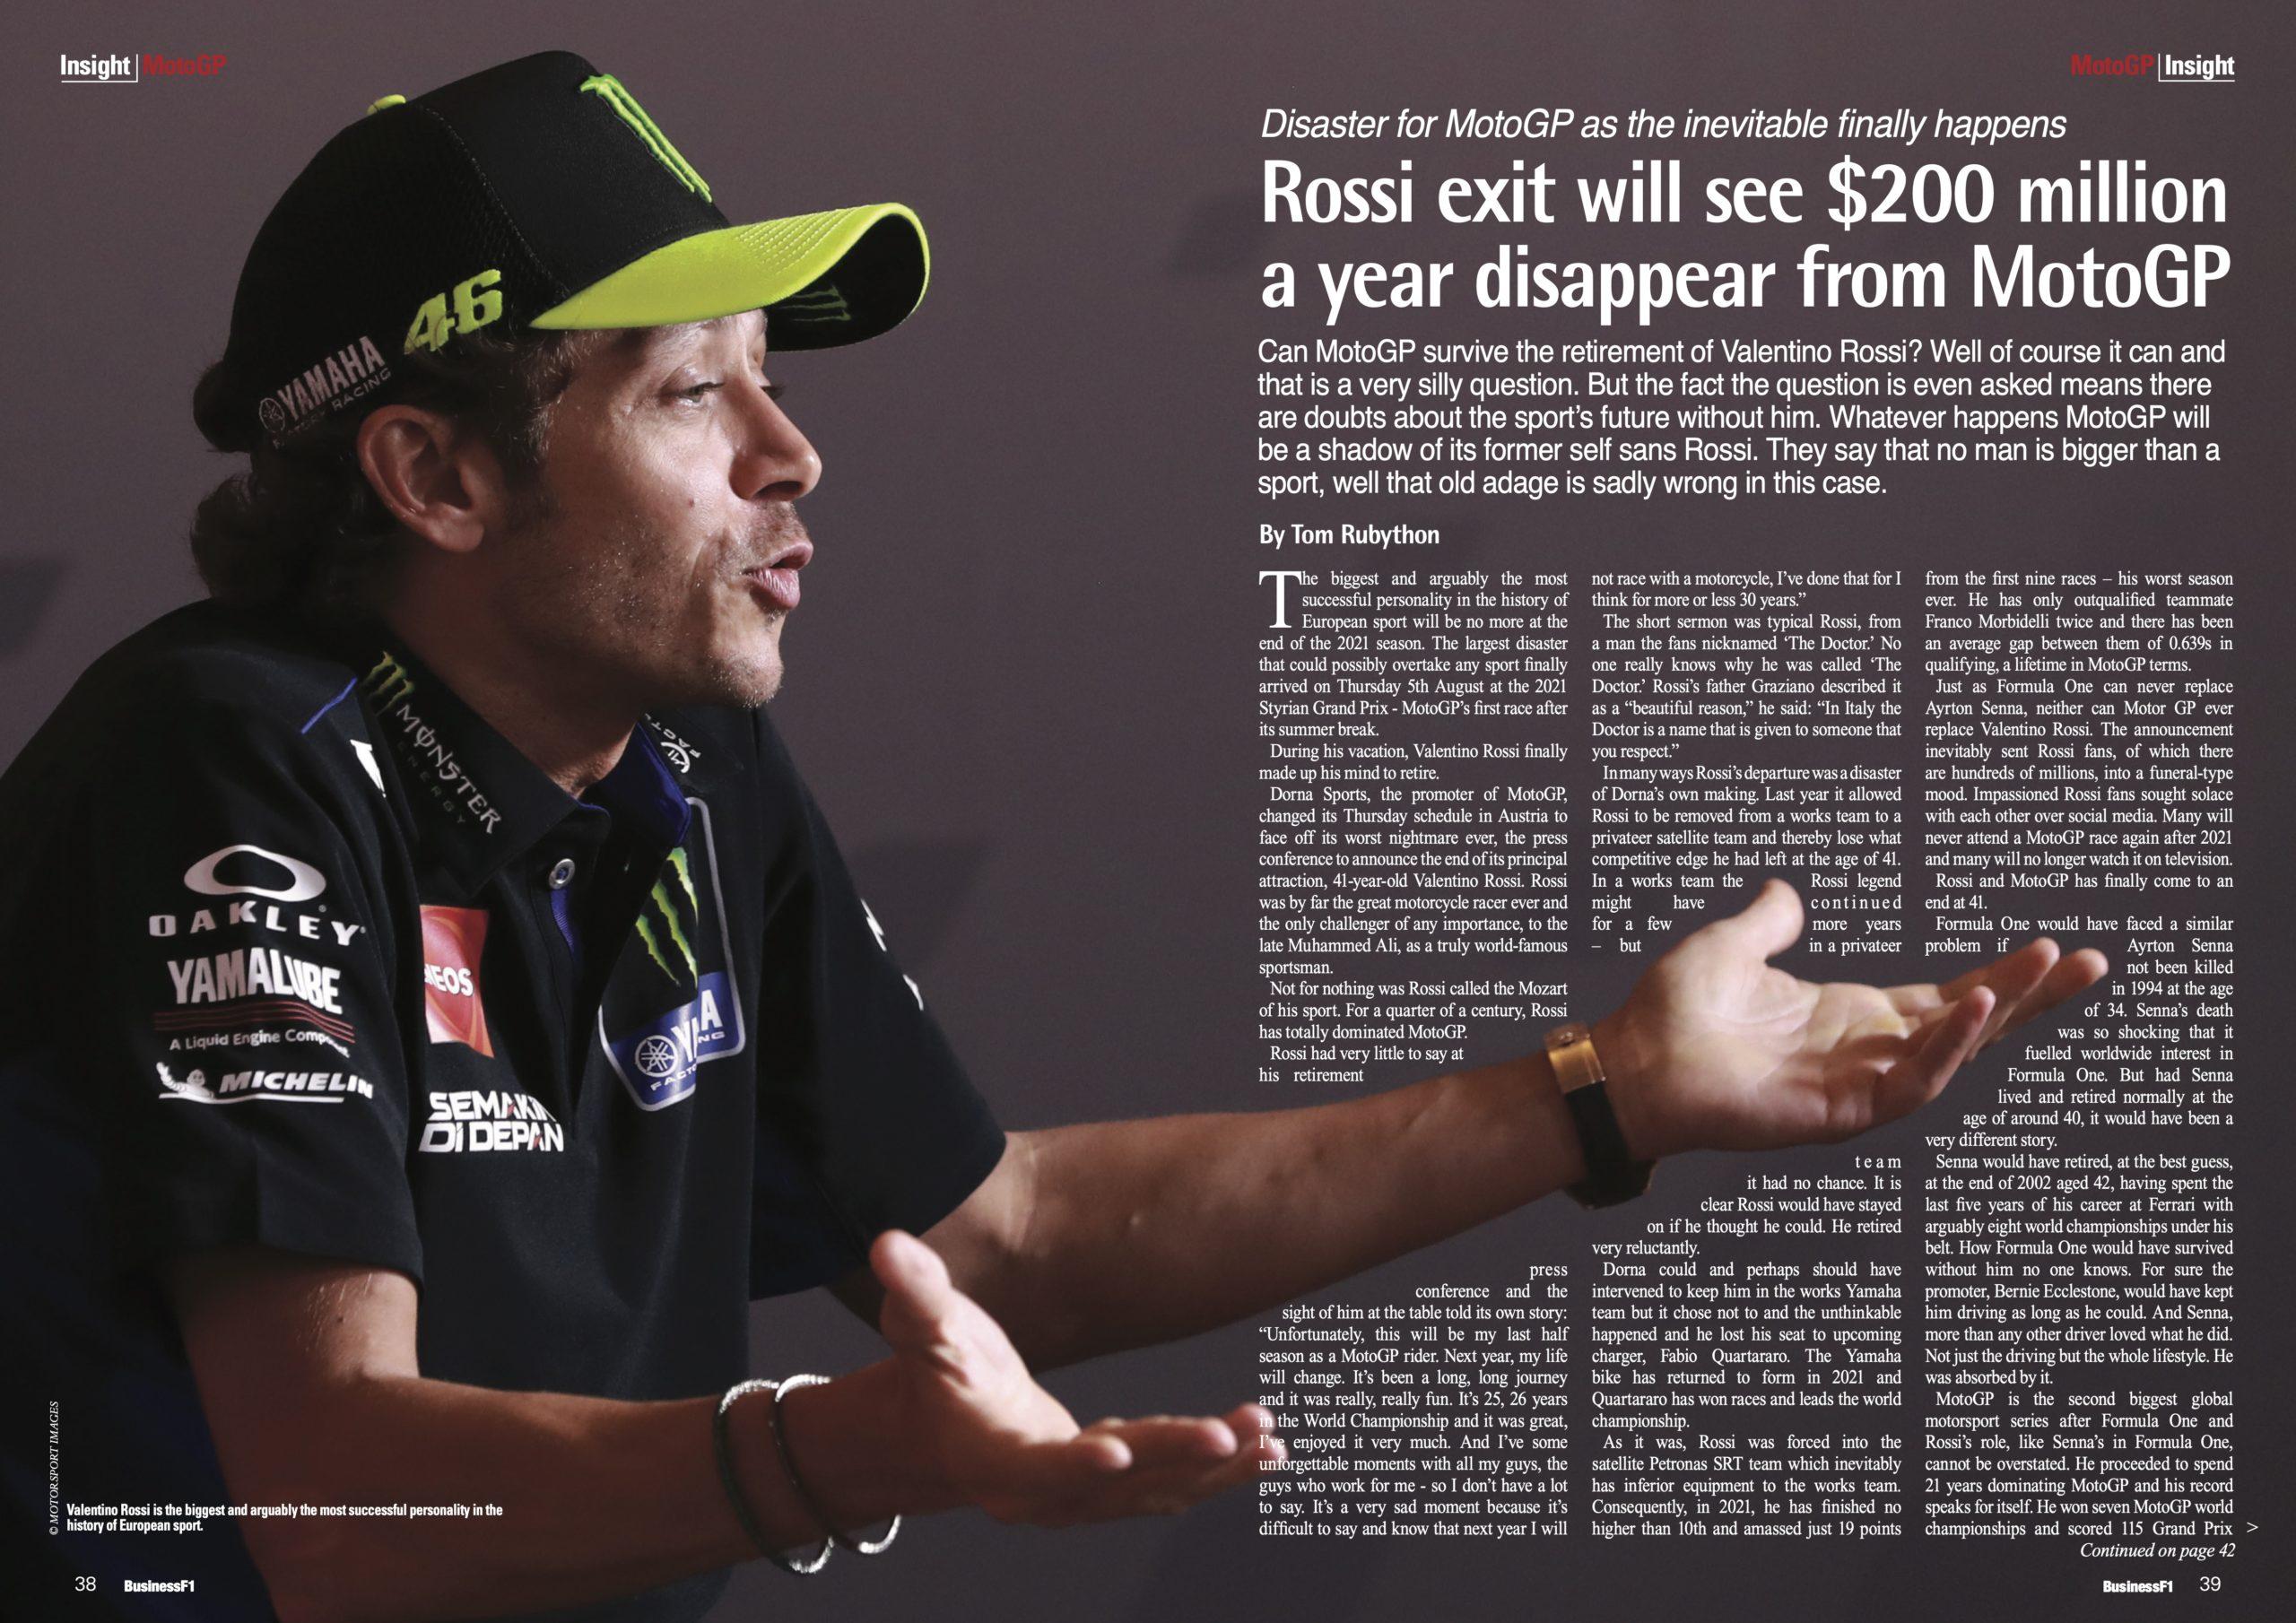 38_Insight_Rossi